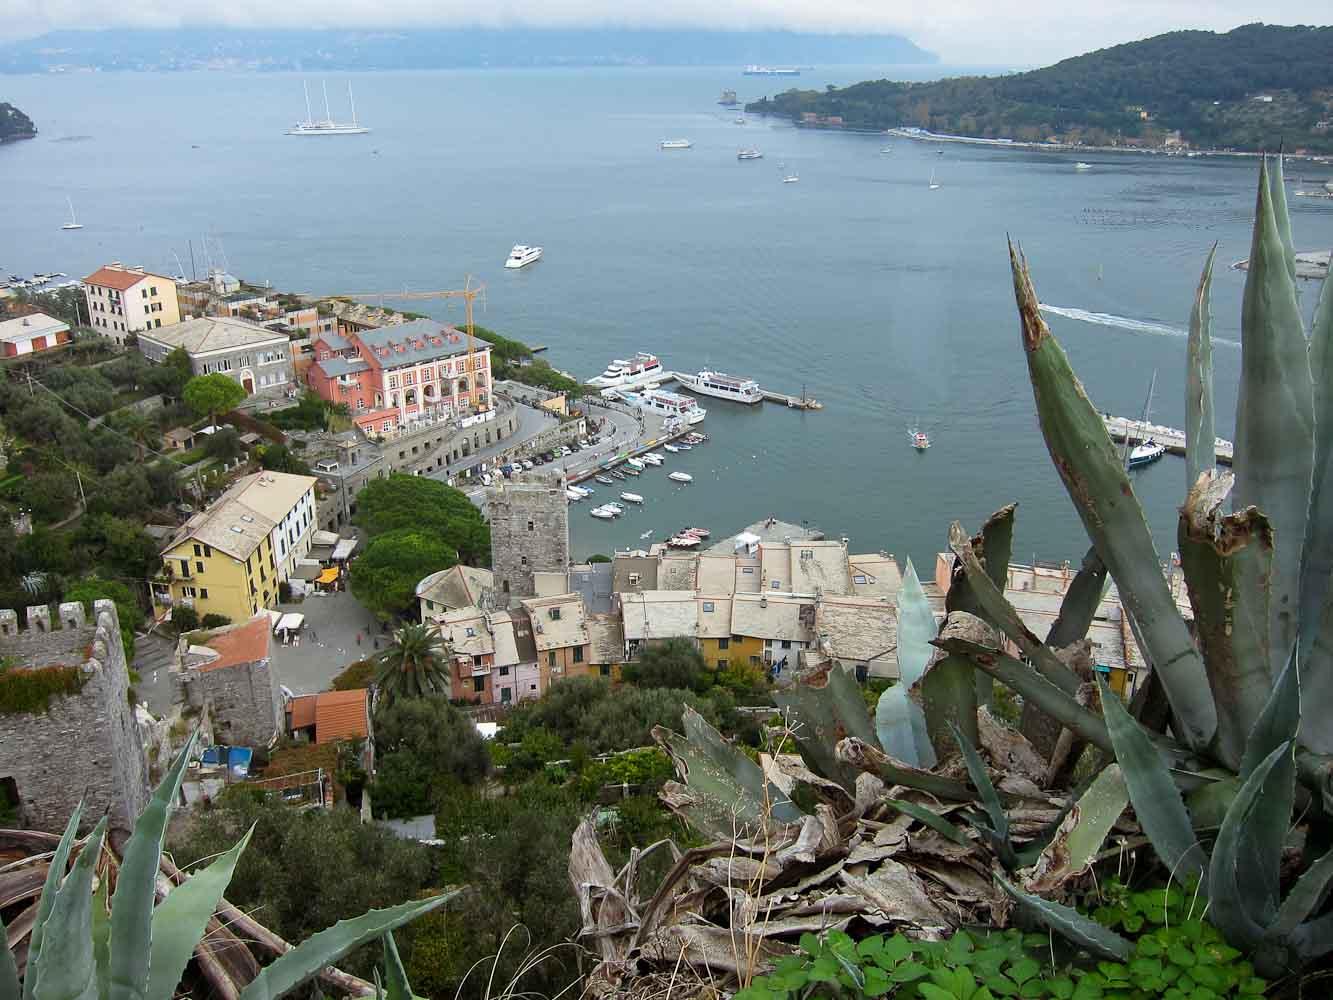 View from Castello Doria Porto Venere - Italian Notes